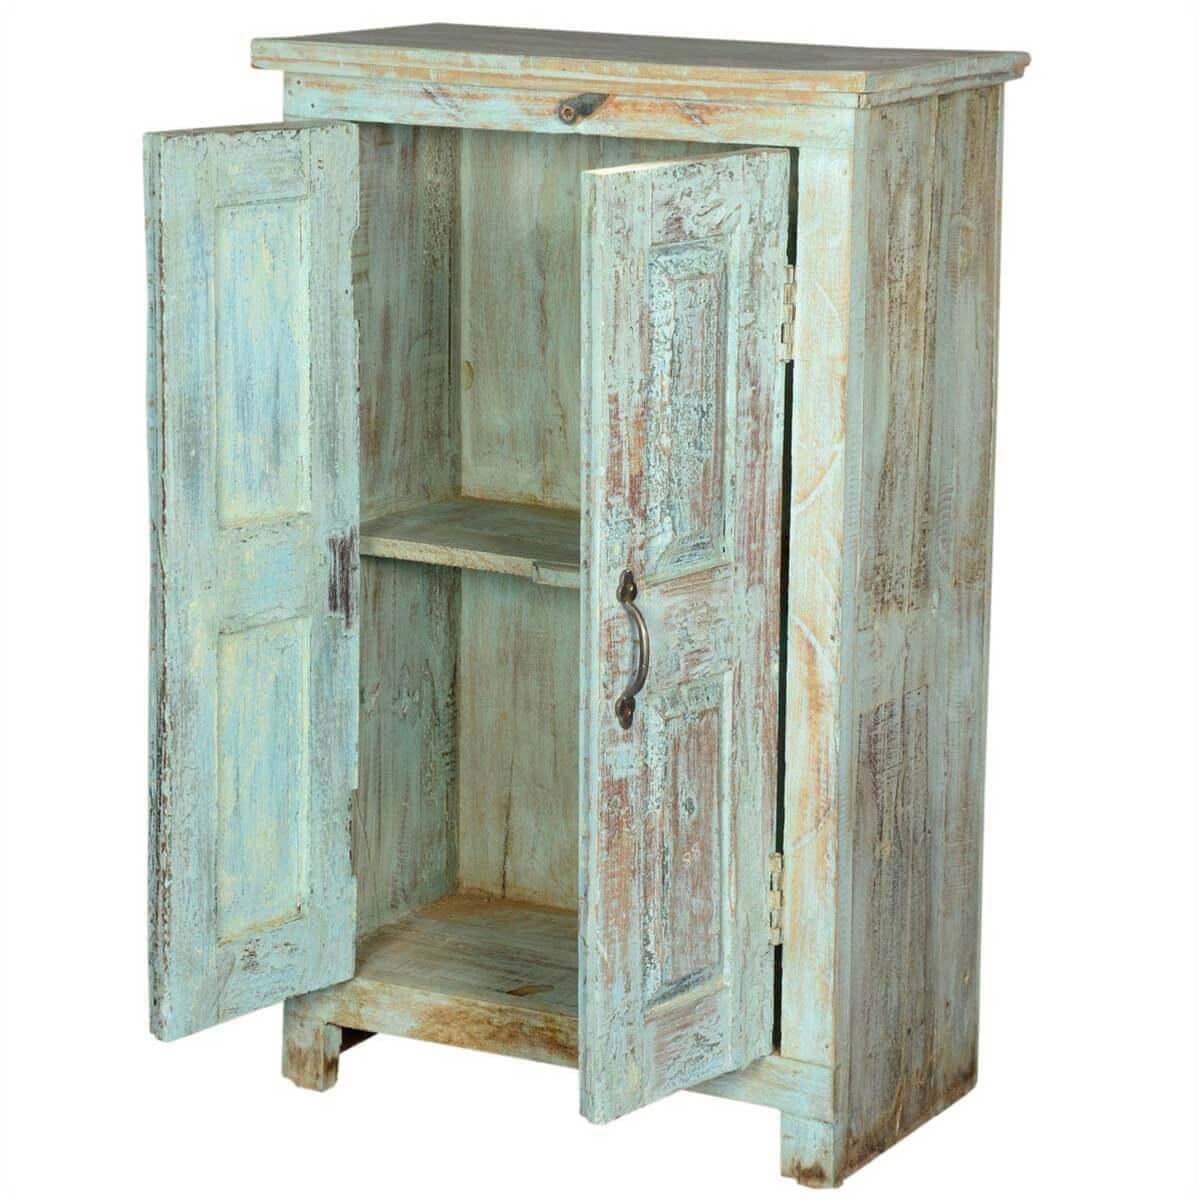 Distressed Kitchen Cabinet Doors: Bankston Distressed Reclaimed Wood 2 Door Storage Cabinet